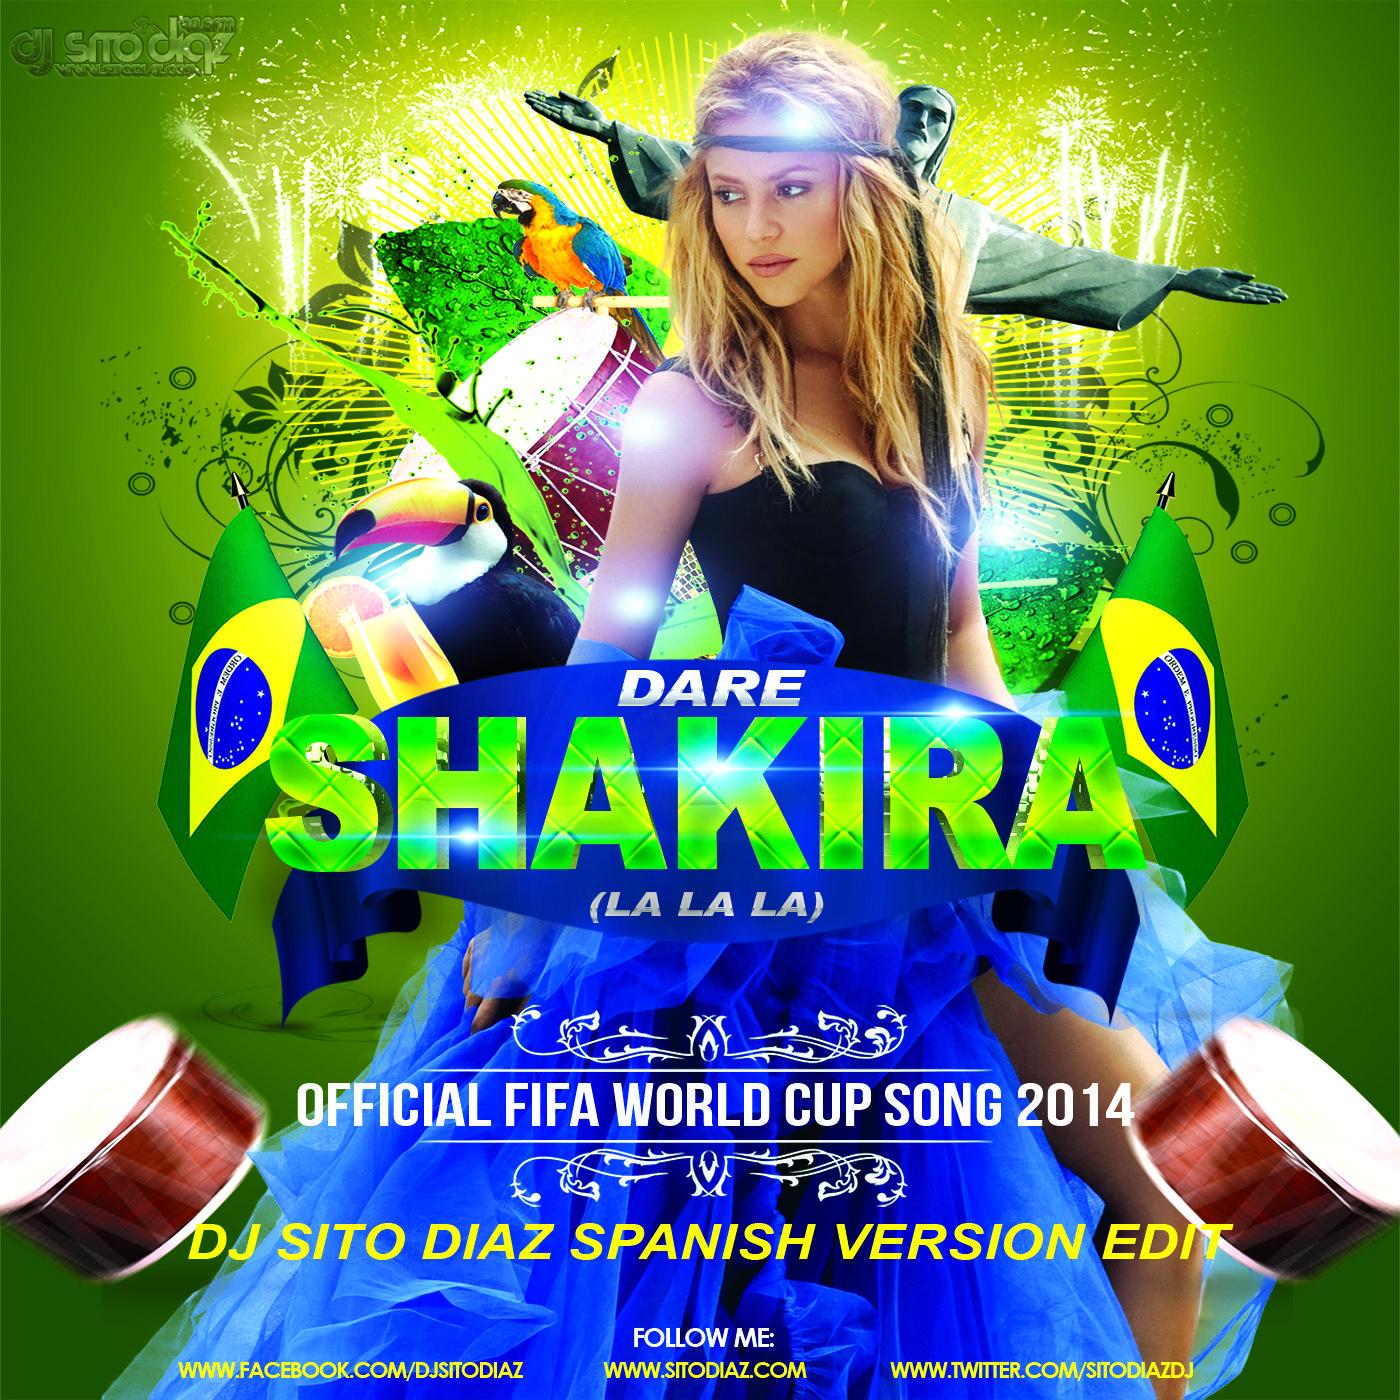 Shakira Dare La La La Feat Carlinhos Brown Official World Cup 2014 Song Brazil World Cup 2014 Go Usa Go Brazil Shakira World Cup Song Songs